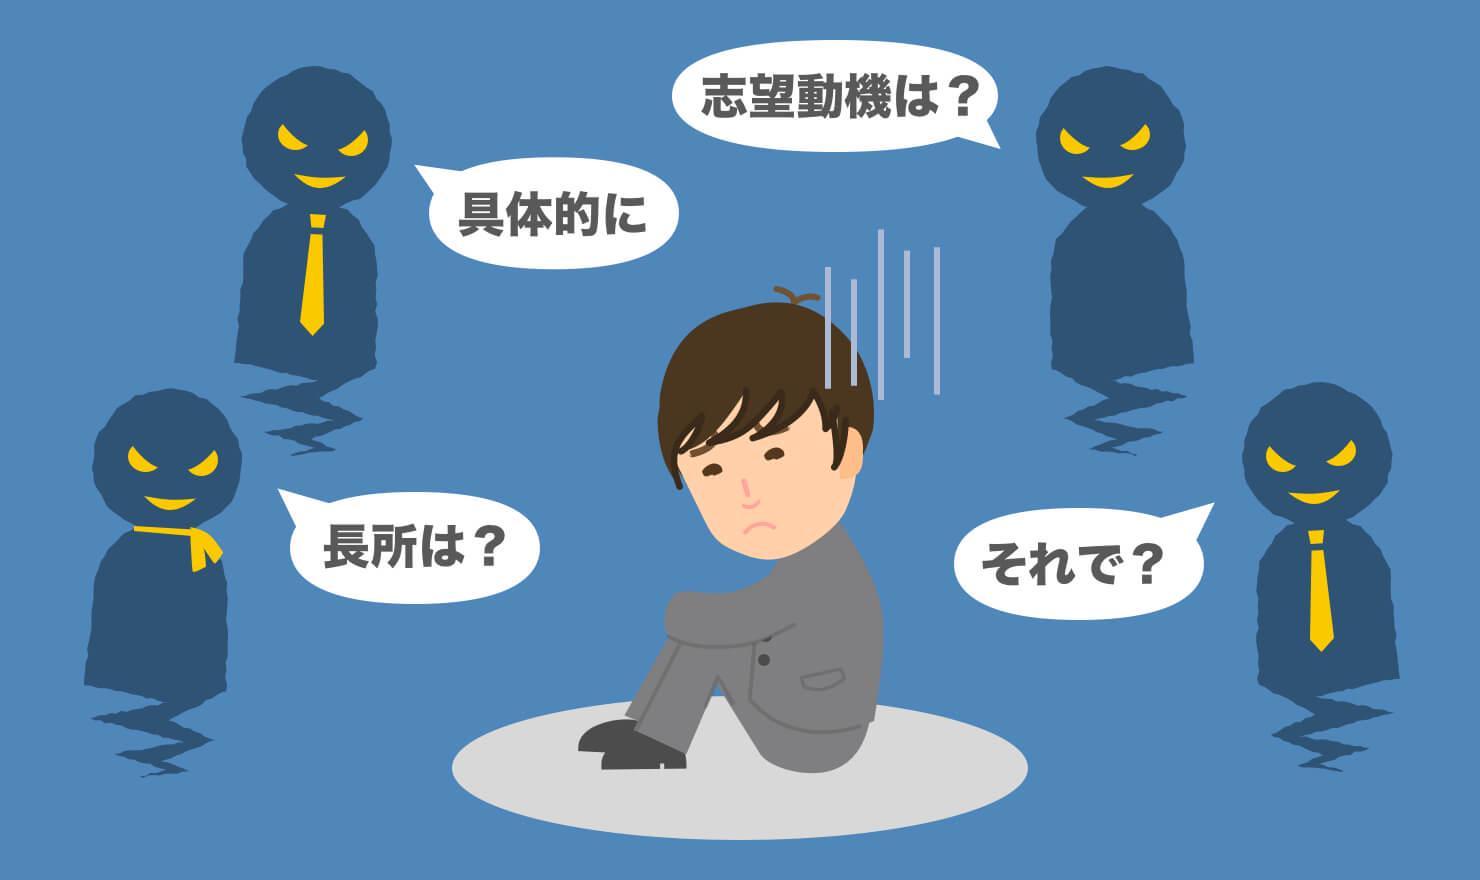 「面接が怖い…」不安な気持ちを克服するための3つの方法